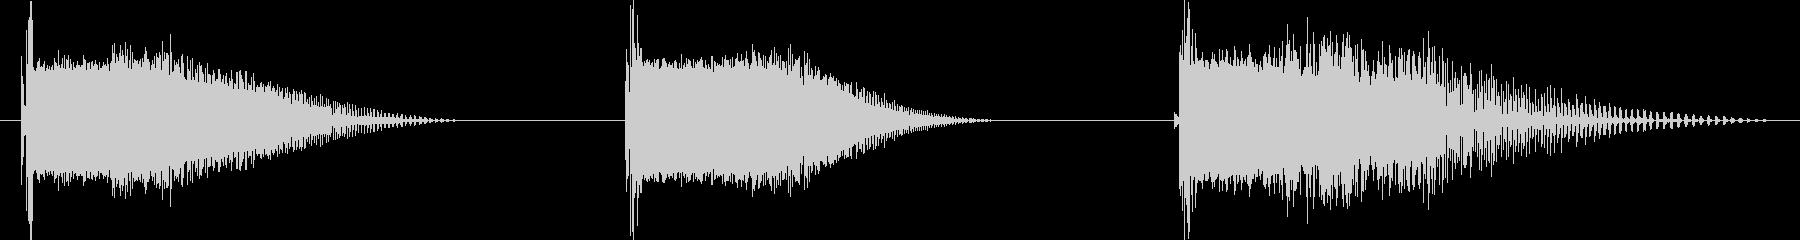 フィクション 電力装置 グリッチ04の未再生の波形